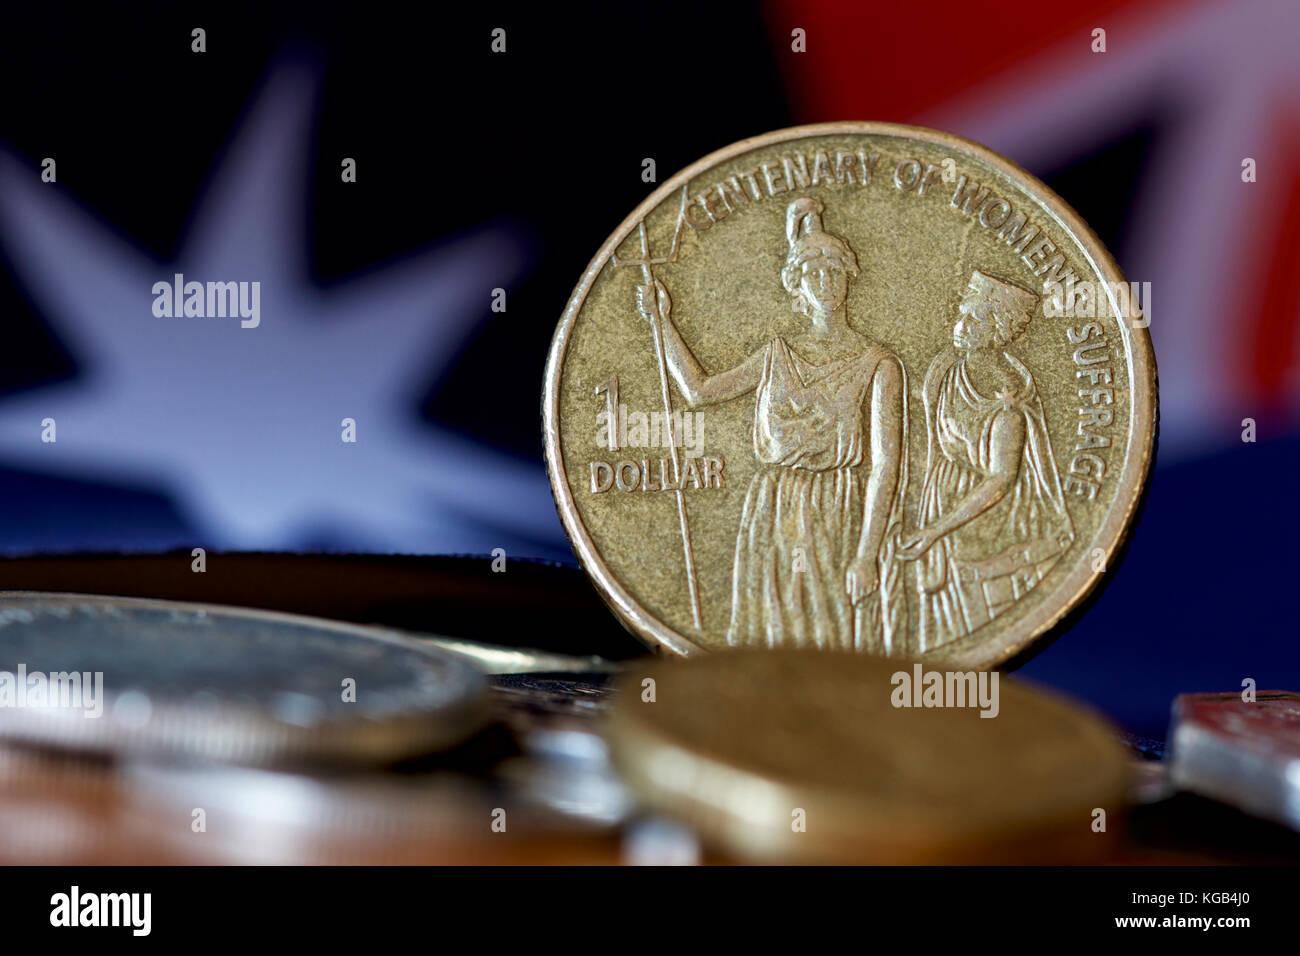 Australische 1 Dollar Goldmünze Zum Gedenken An Den 100 Jahrestag